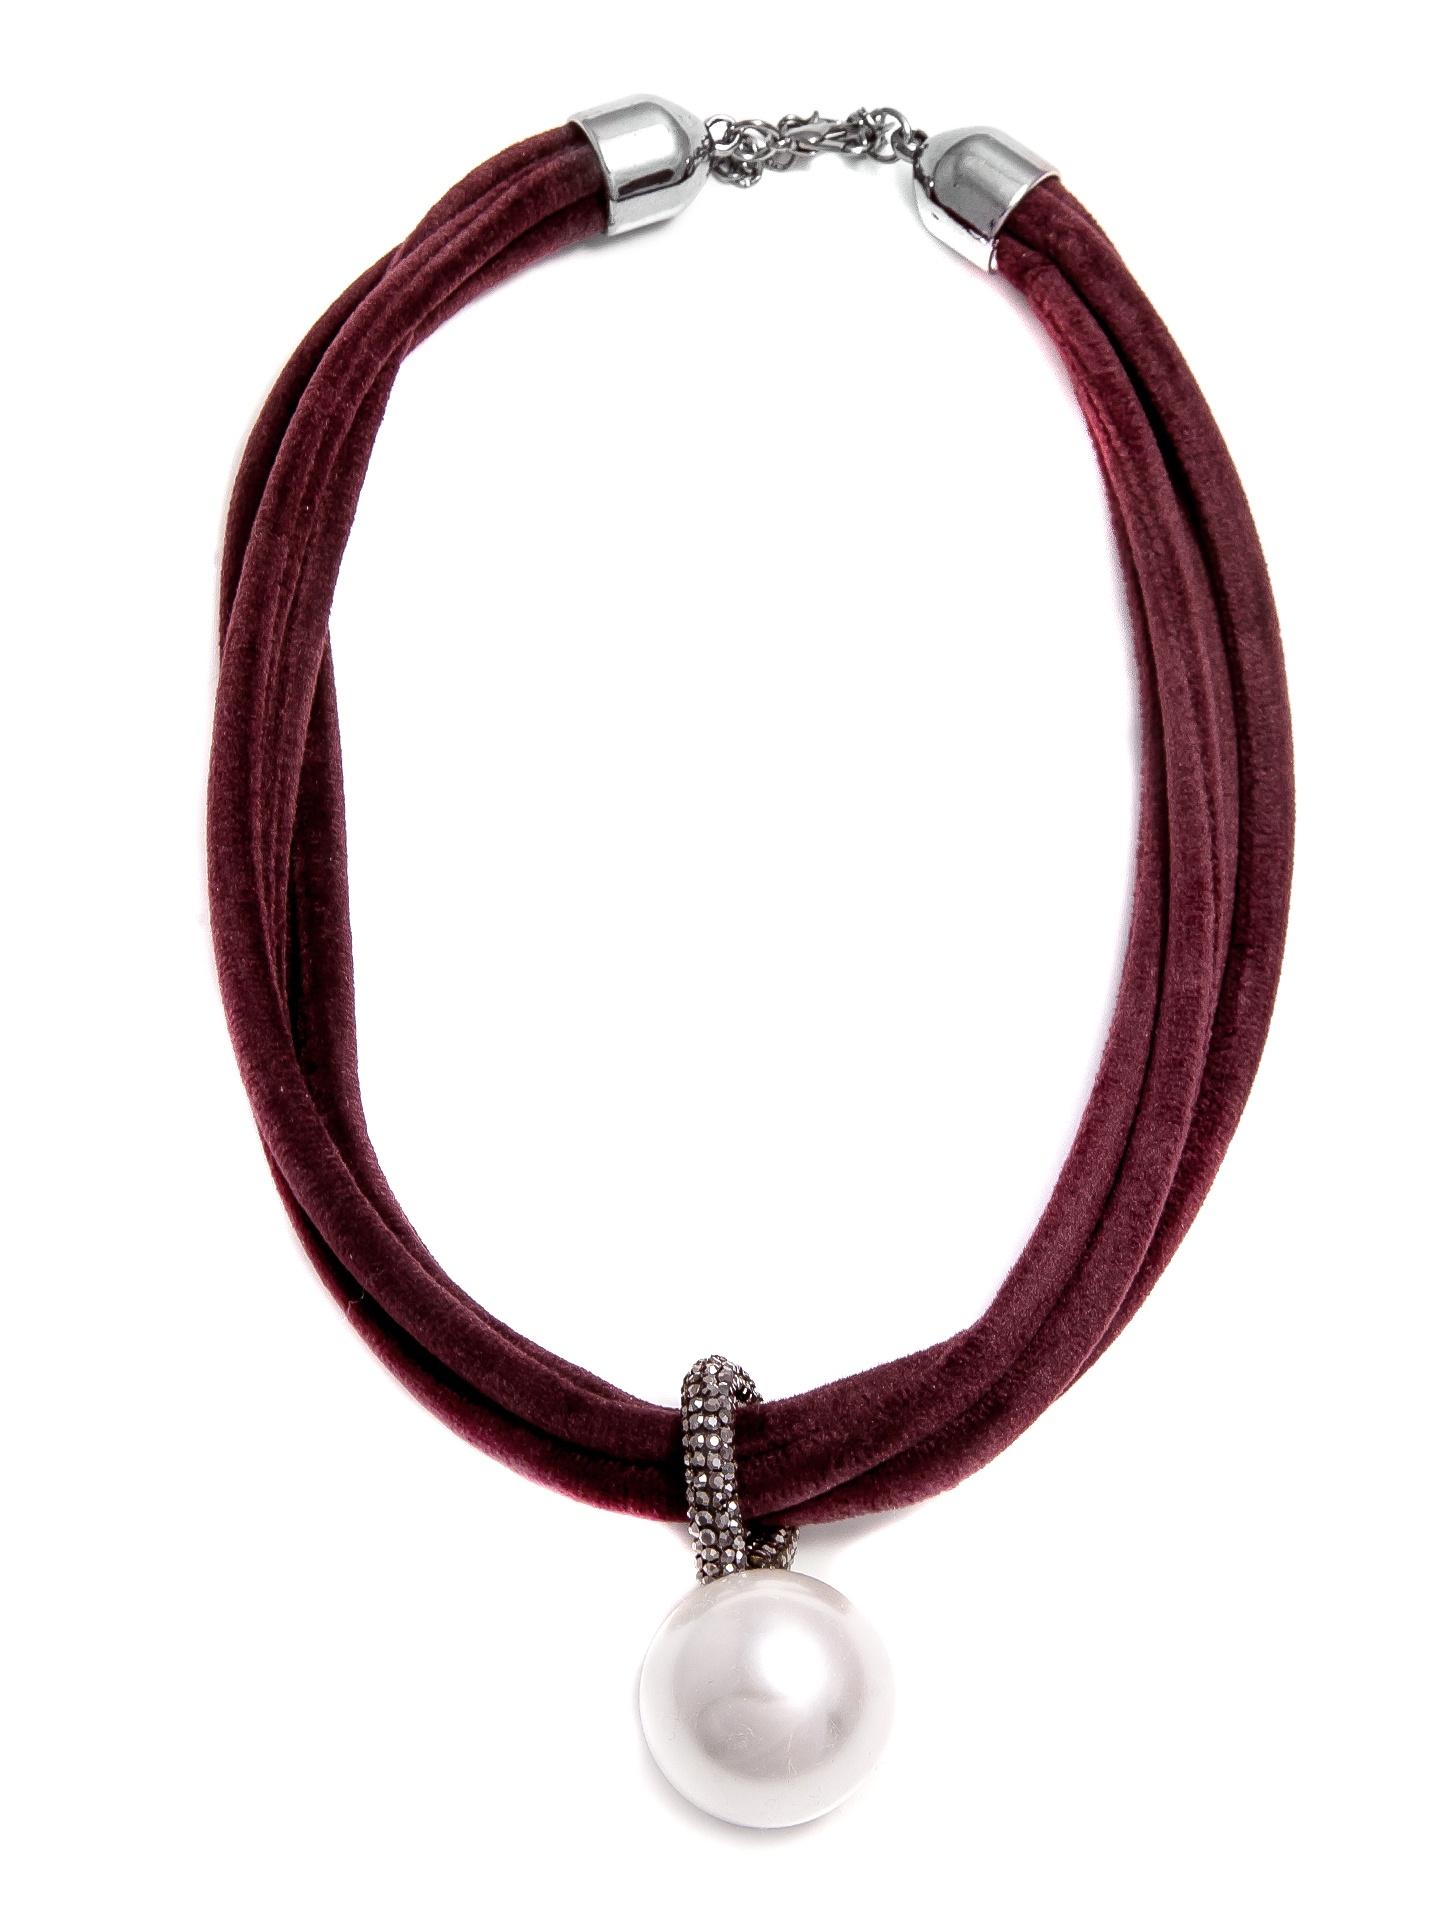 Колье/ожерелье бижутерное Aiyony Macie KOL901021, NC901021, бордовый, белый, серыйNC901021Размер 58 см * 1,5 см Состав: стразы, сплав на основе латуни, акрил, текстиль